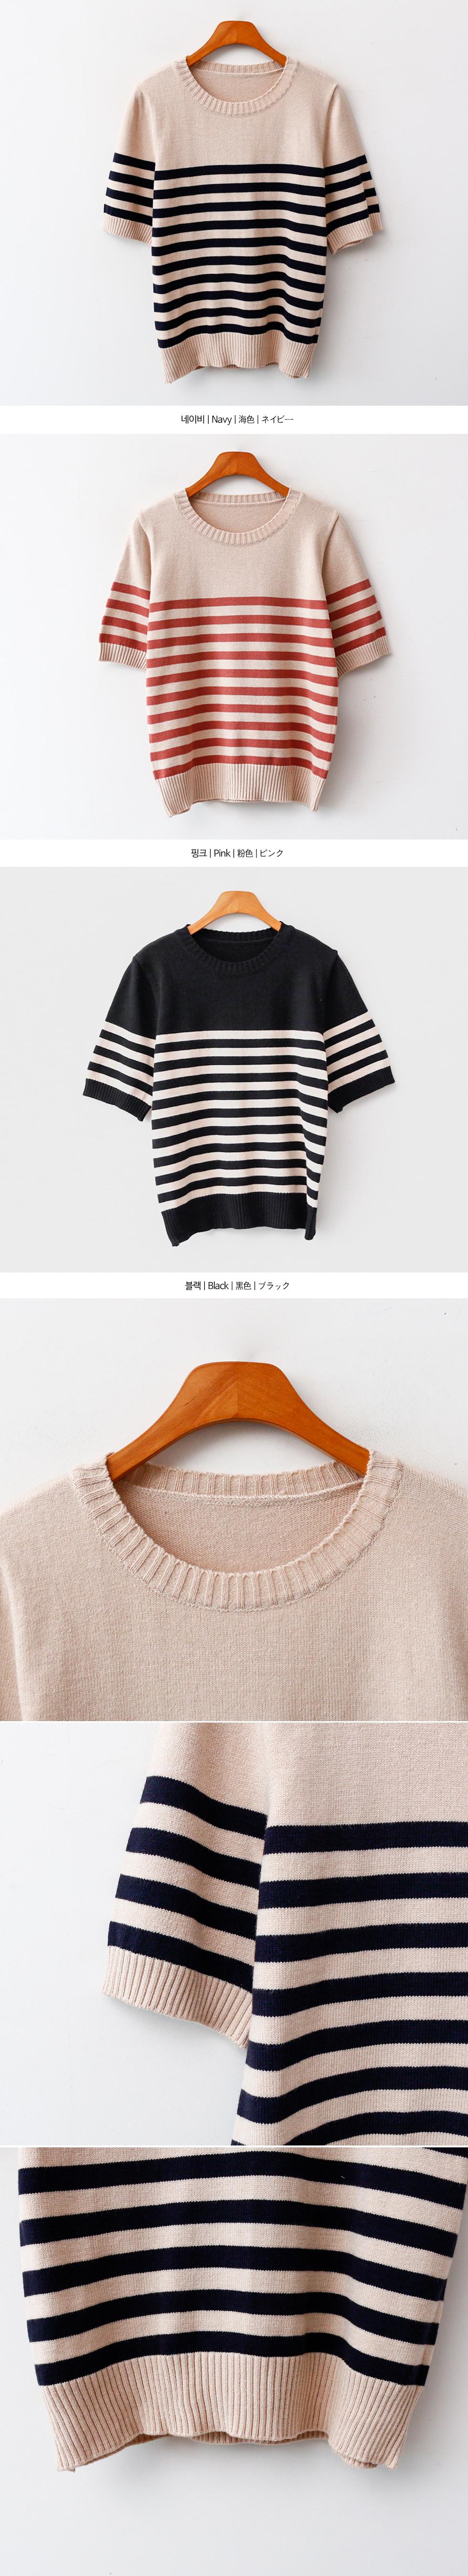 Autumn Striped Knitwear